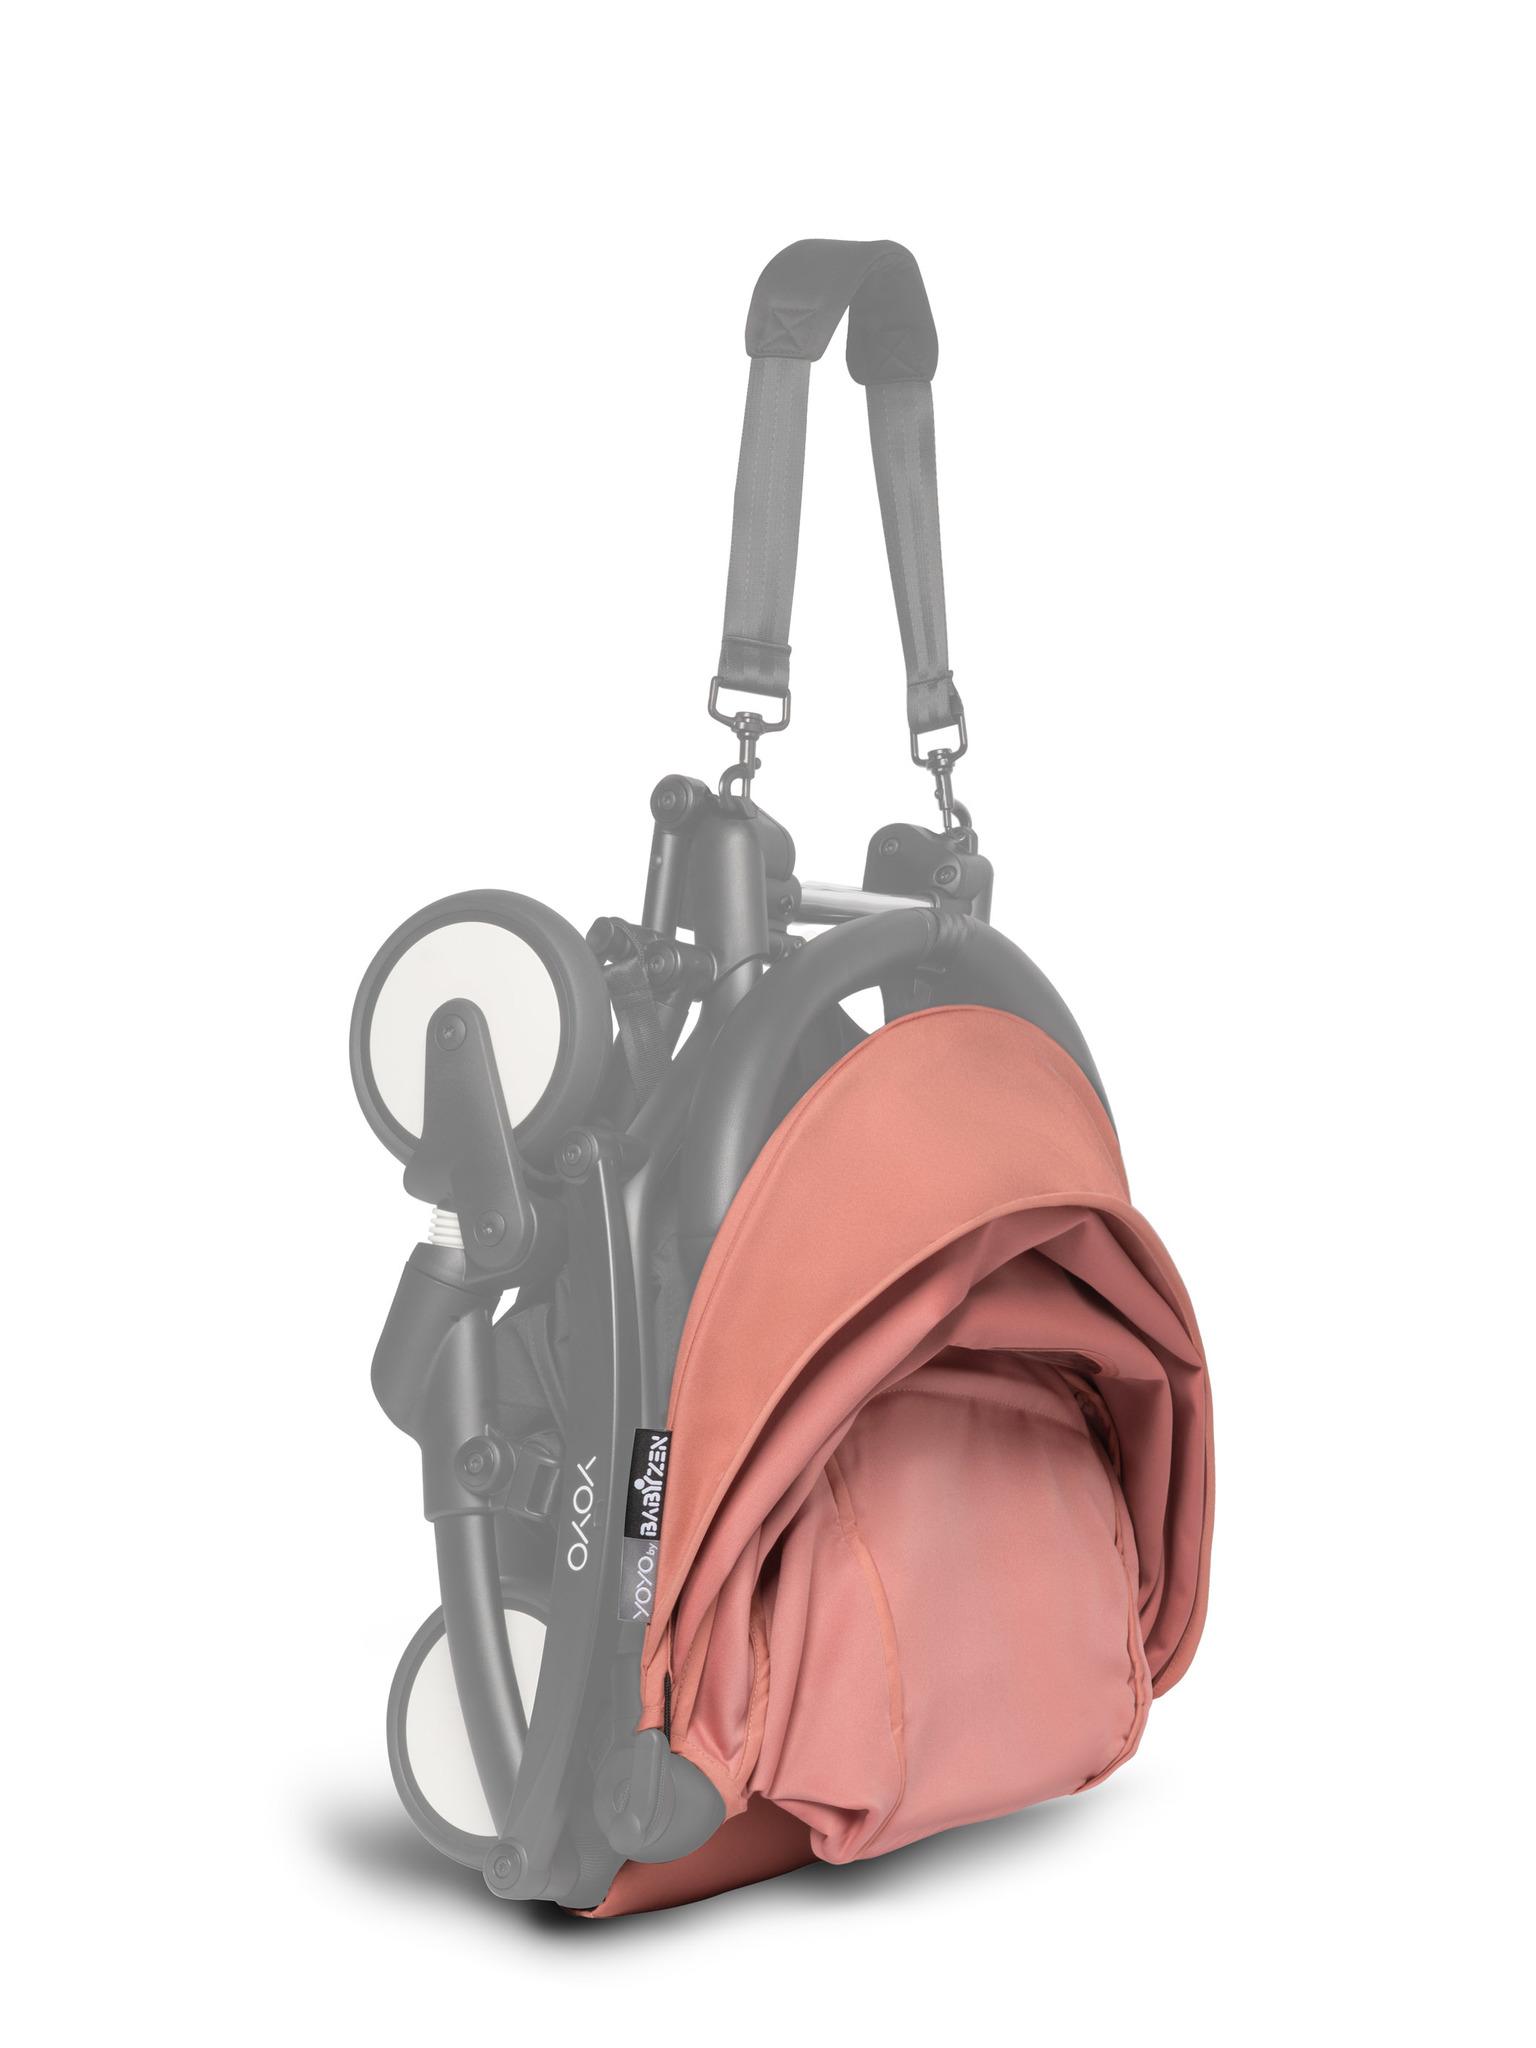 Текстиль сменный для колясок YoYo+ 6+ Ginger Имбирь